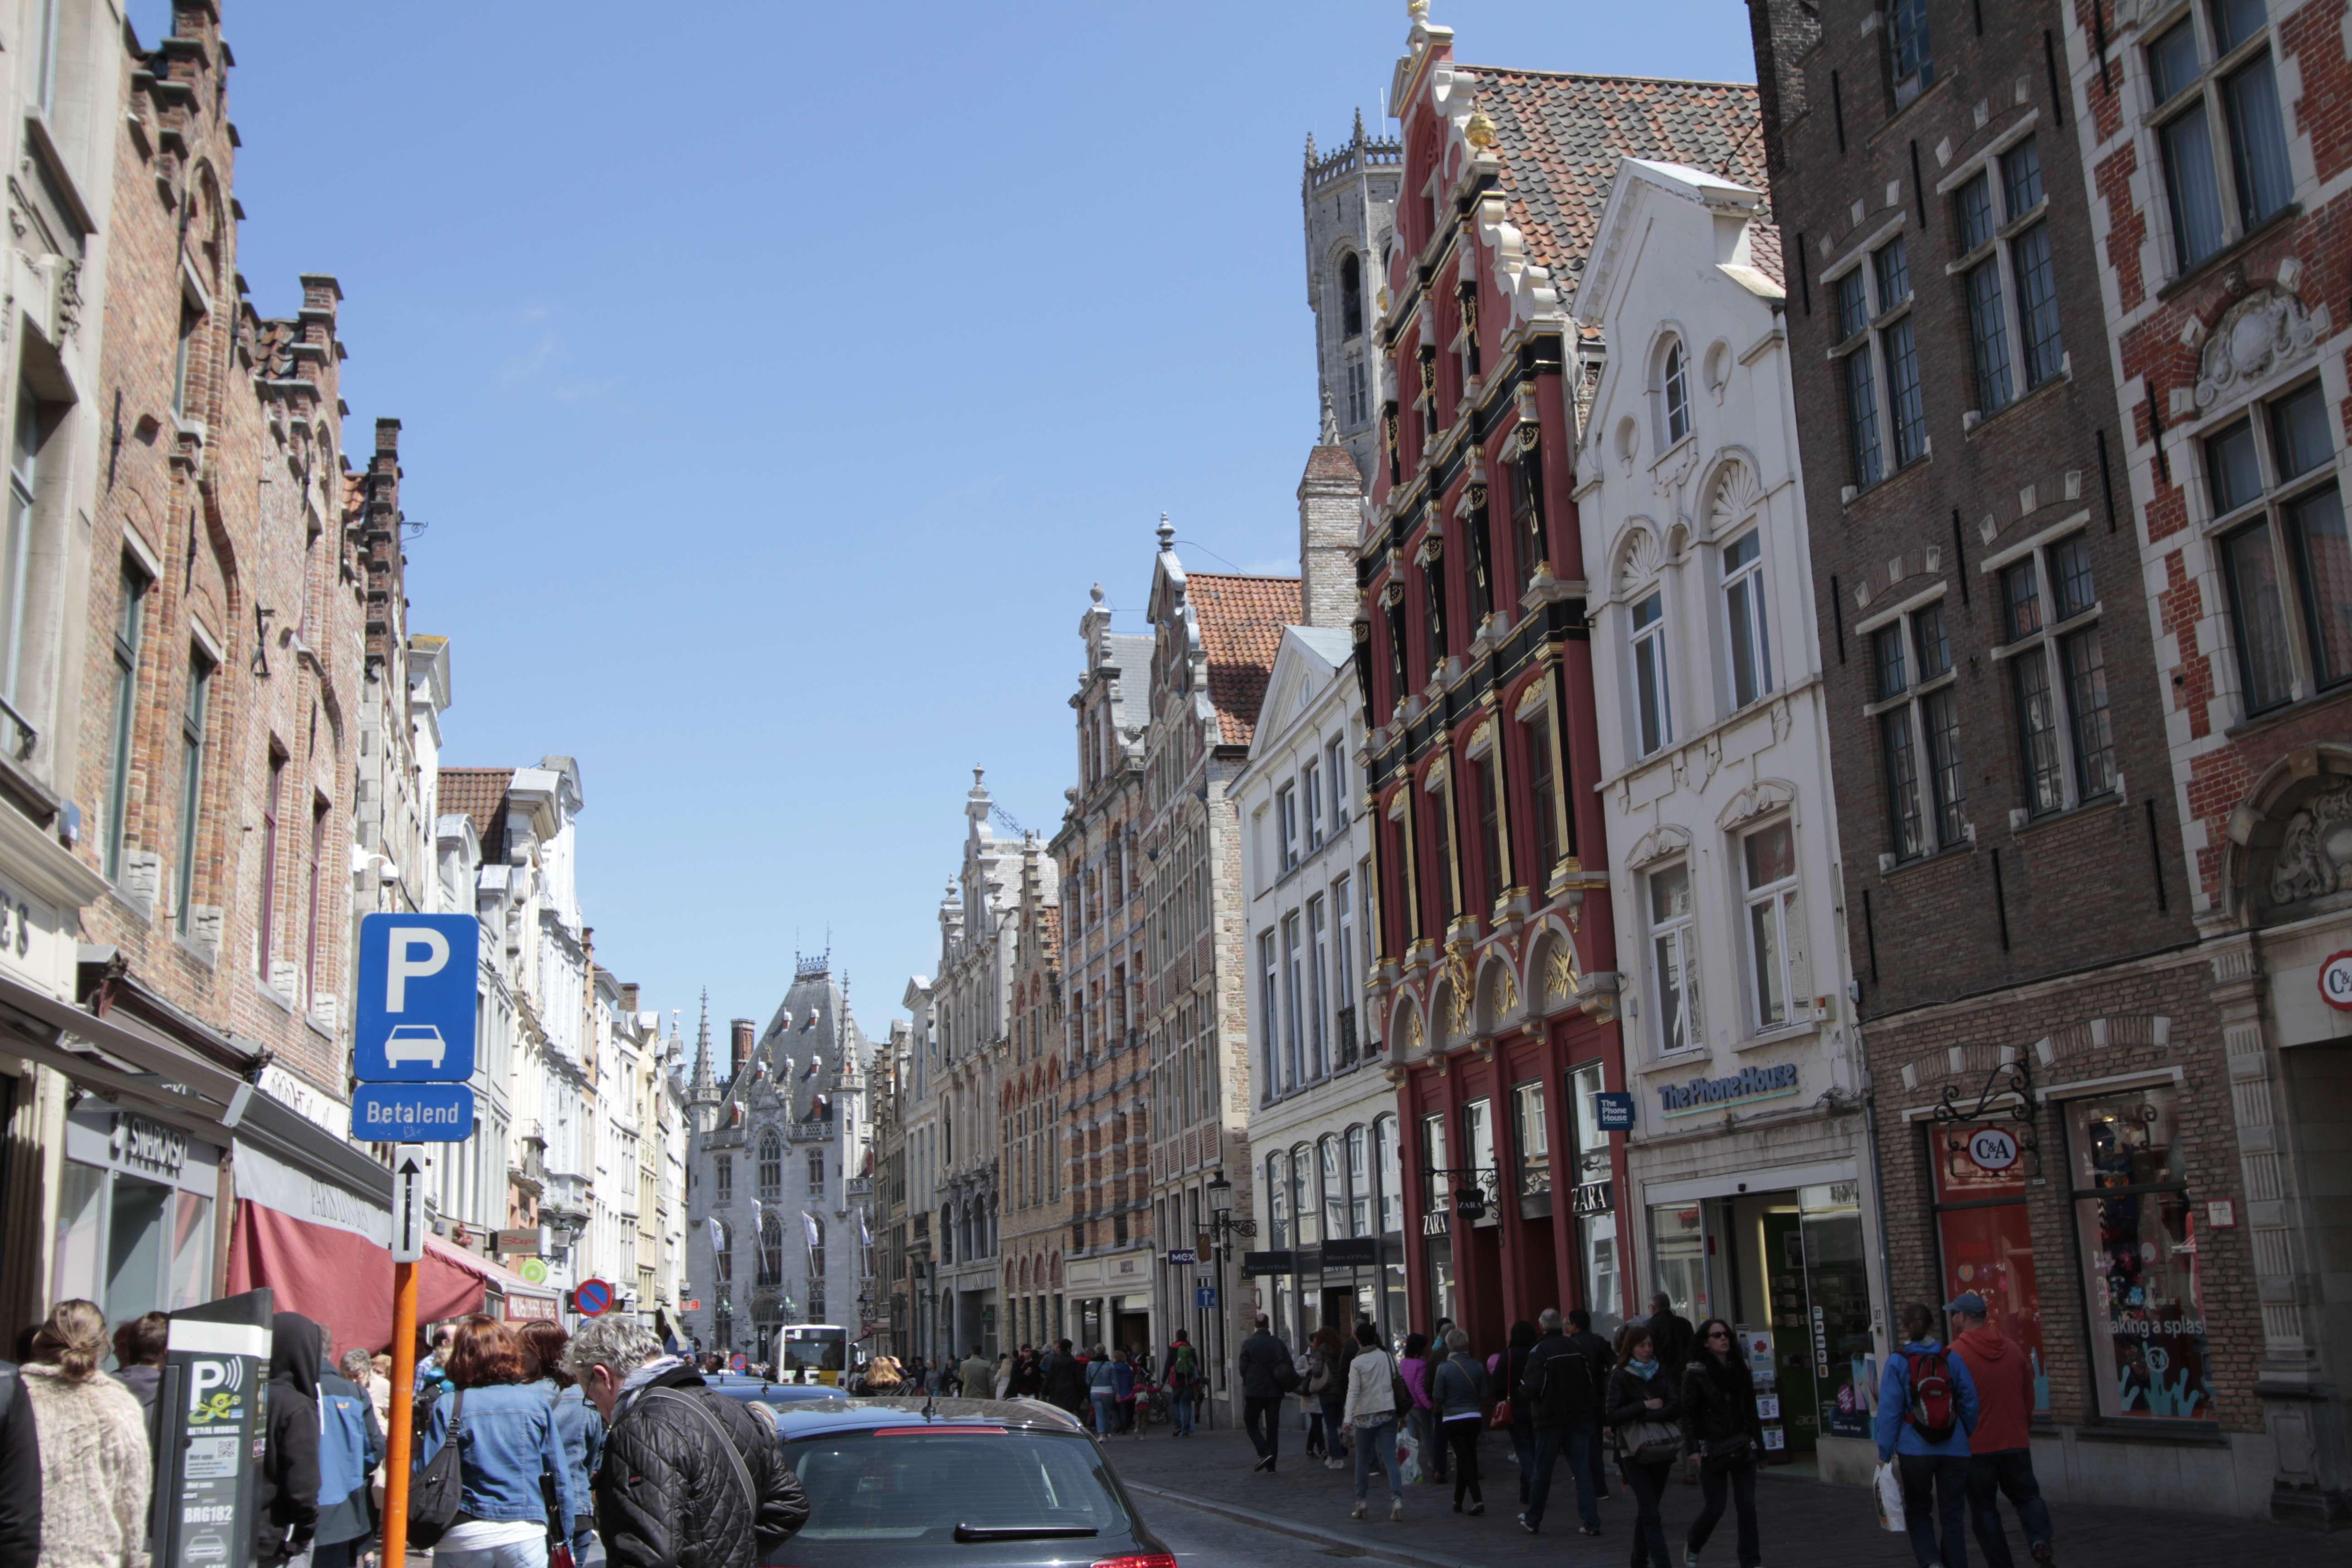 Belgique mai 2015_0148 Bruges entre beguinage et Markt